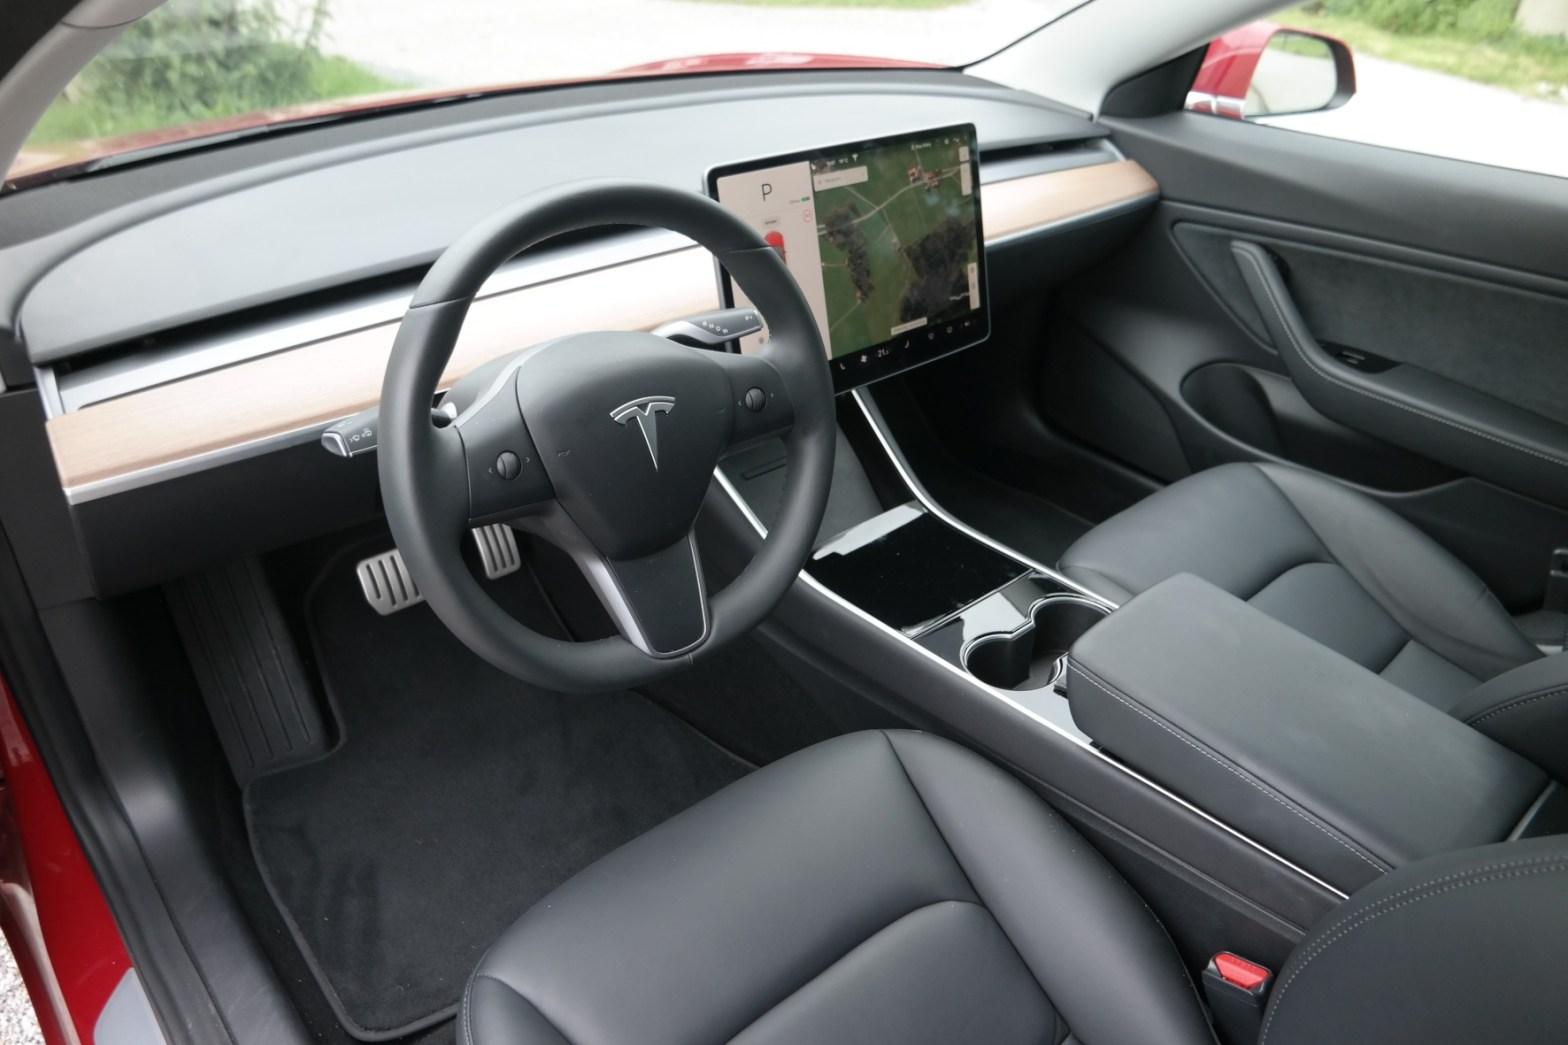 Innenraum eines Autos